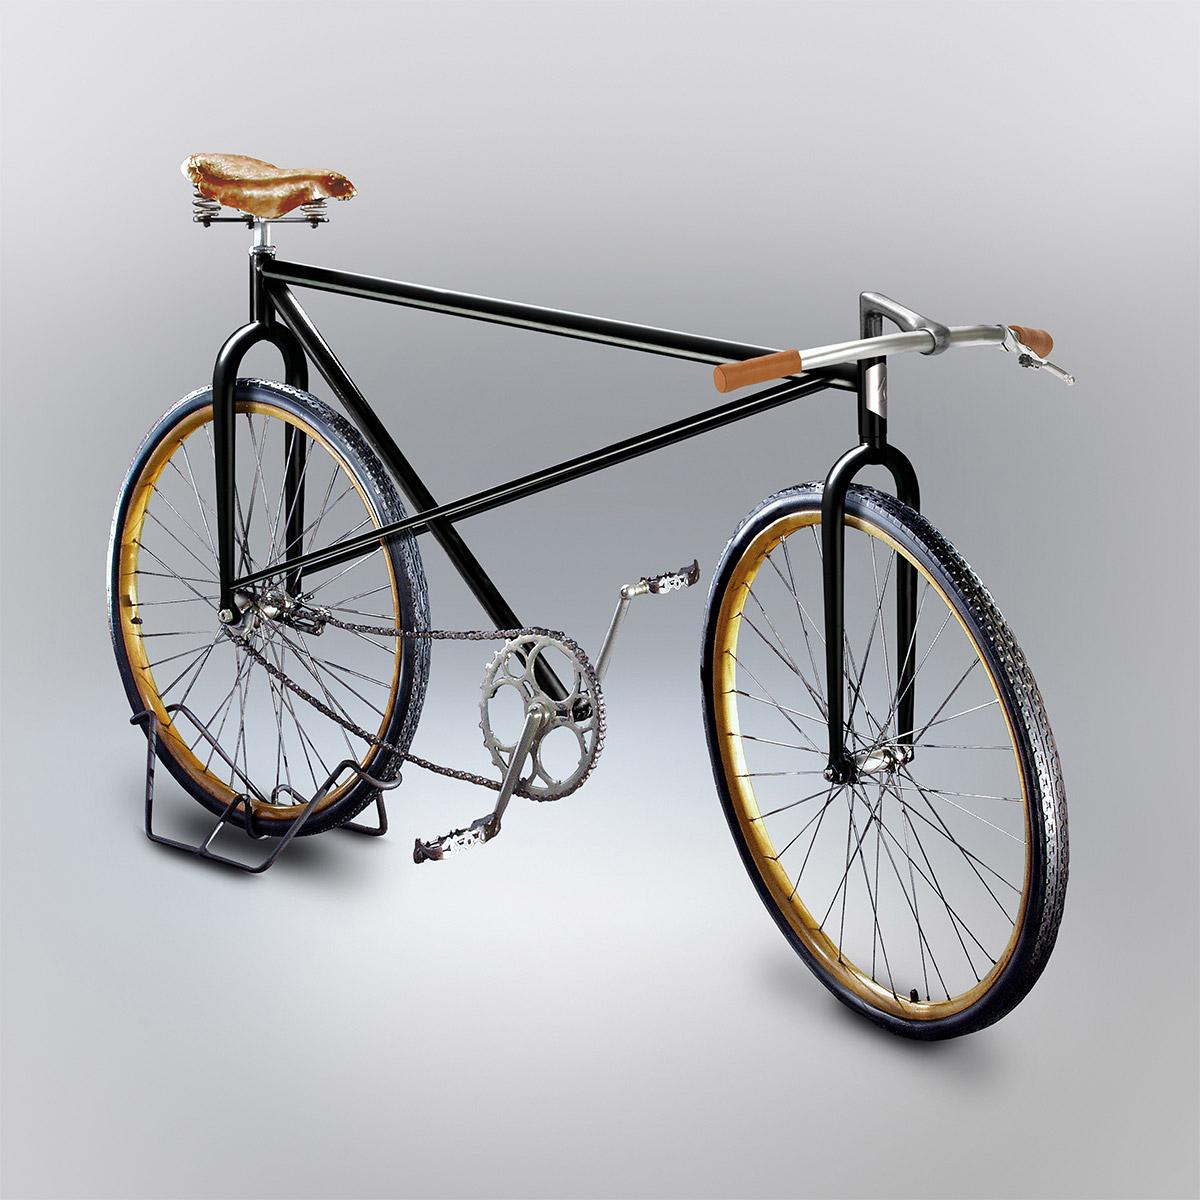 bike by mistake 02